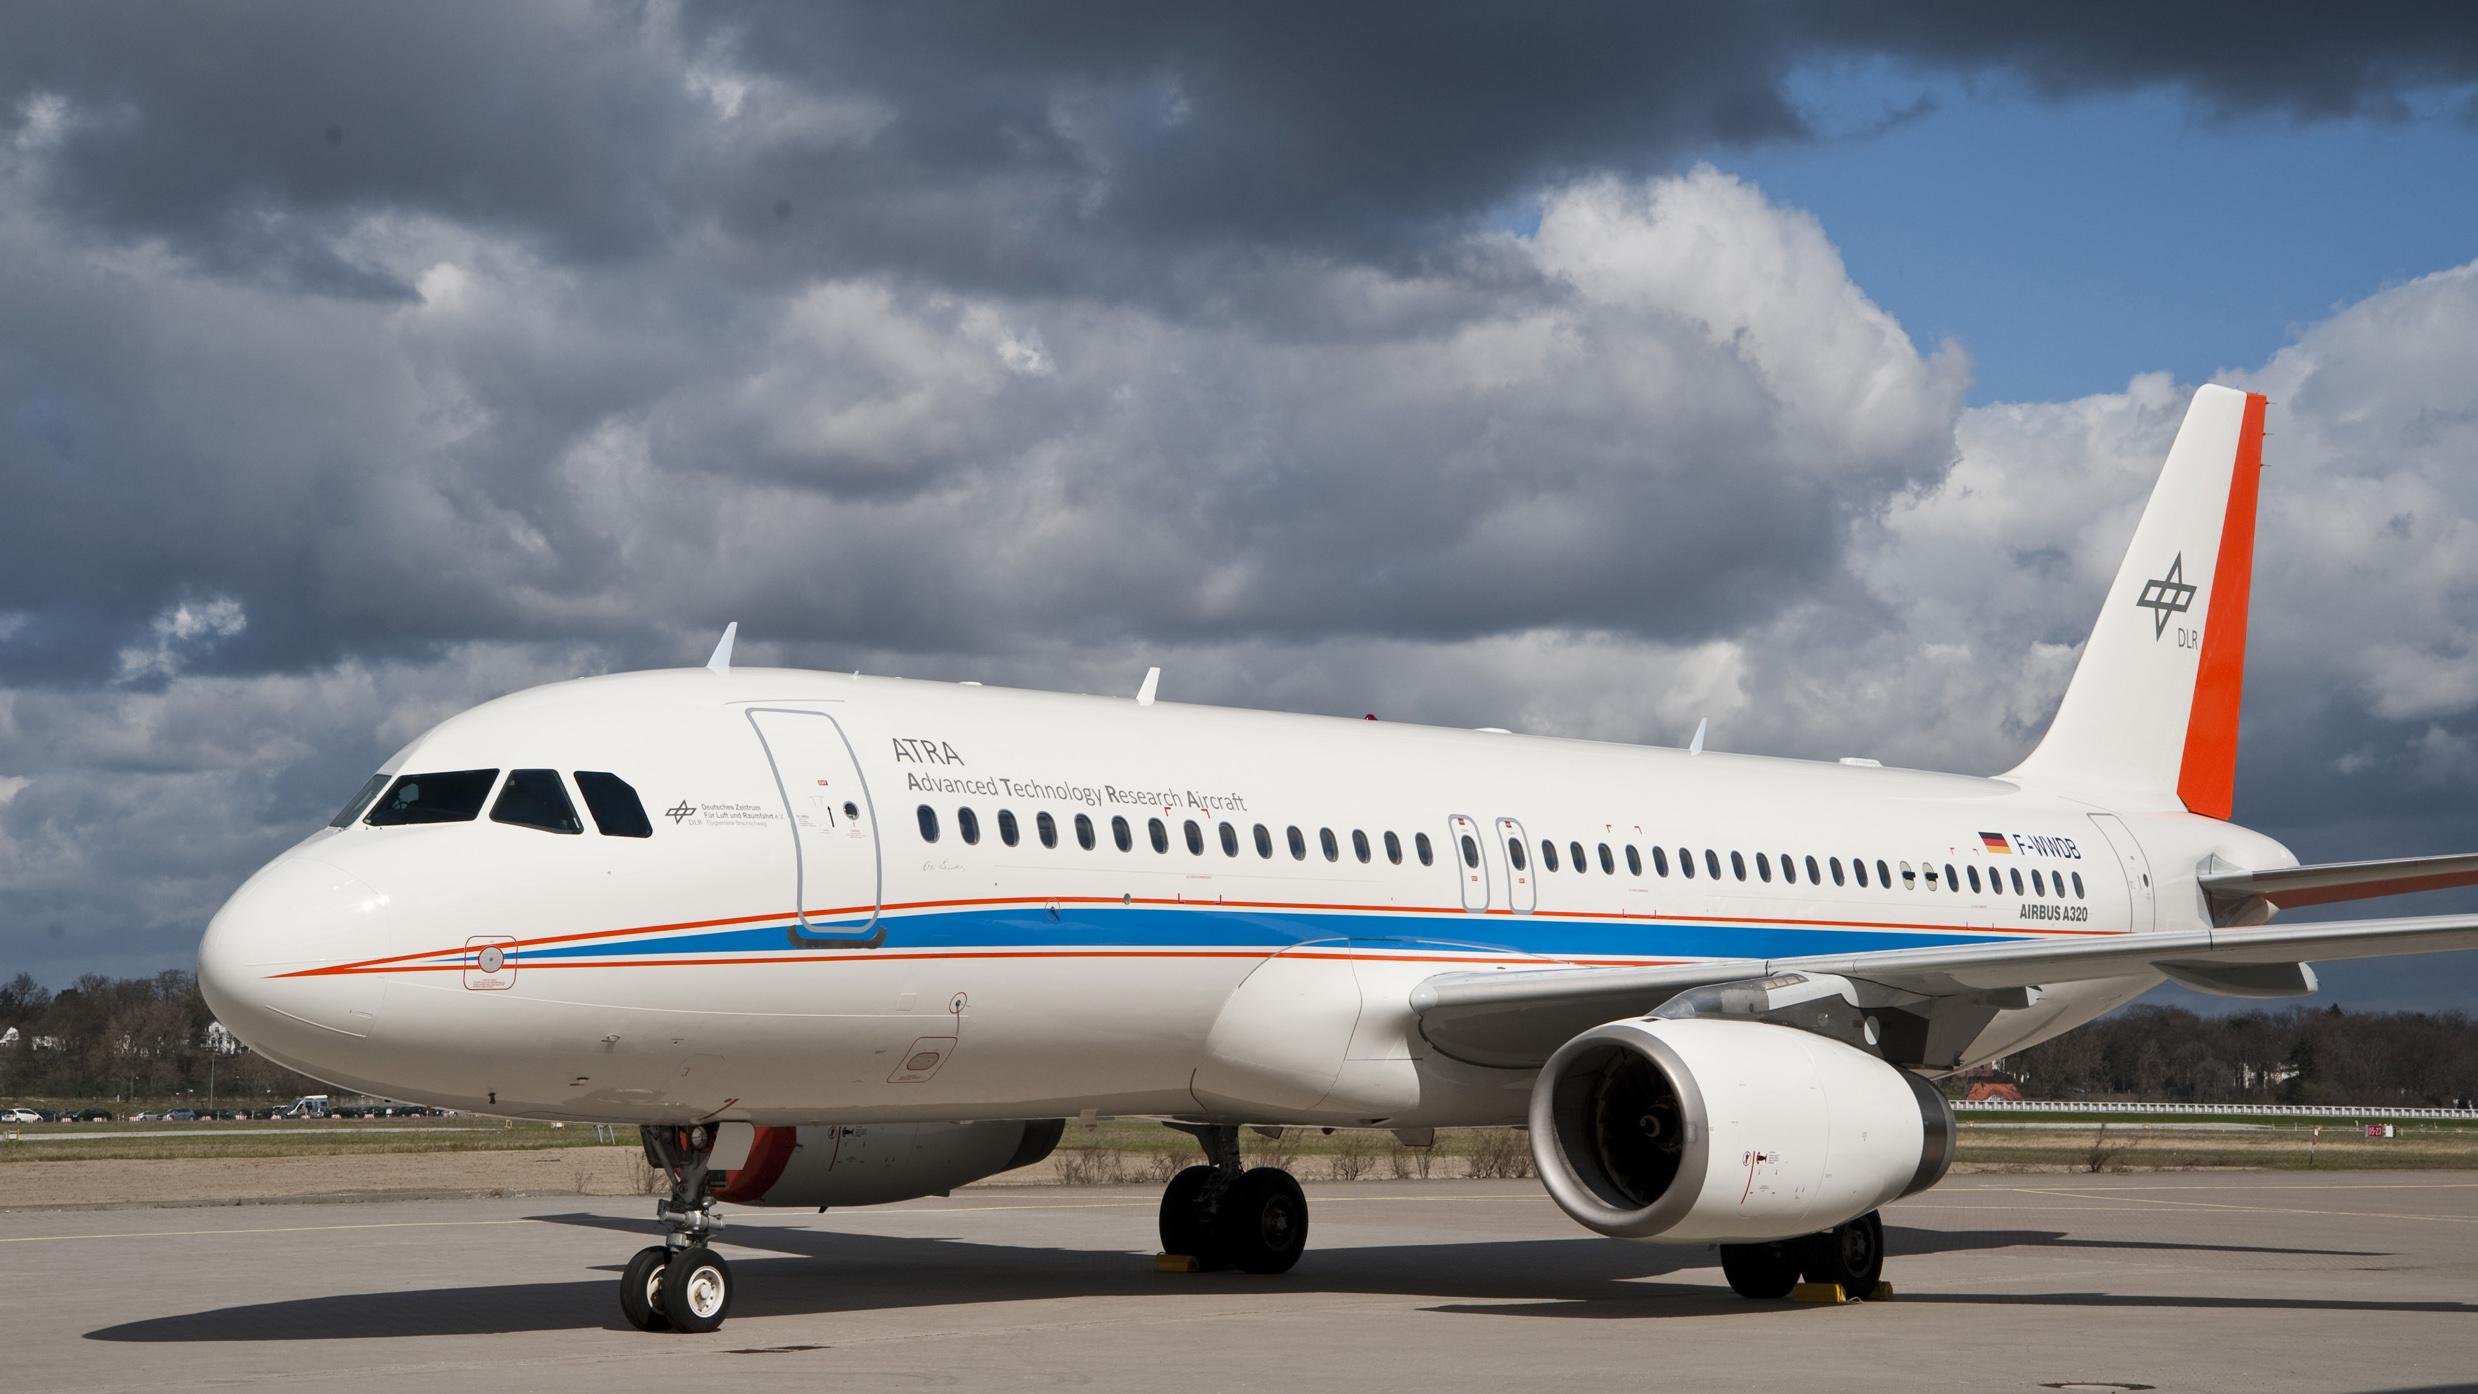 """DLR Portal - Research Aircraft - Airbus A320-232 """"D-ATRA"""""""